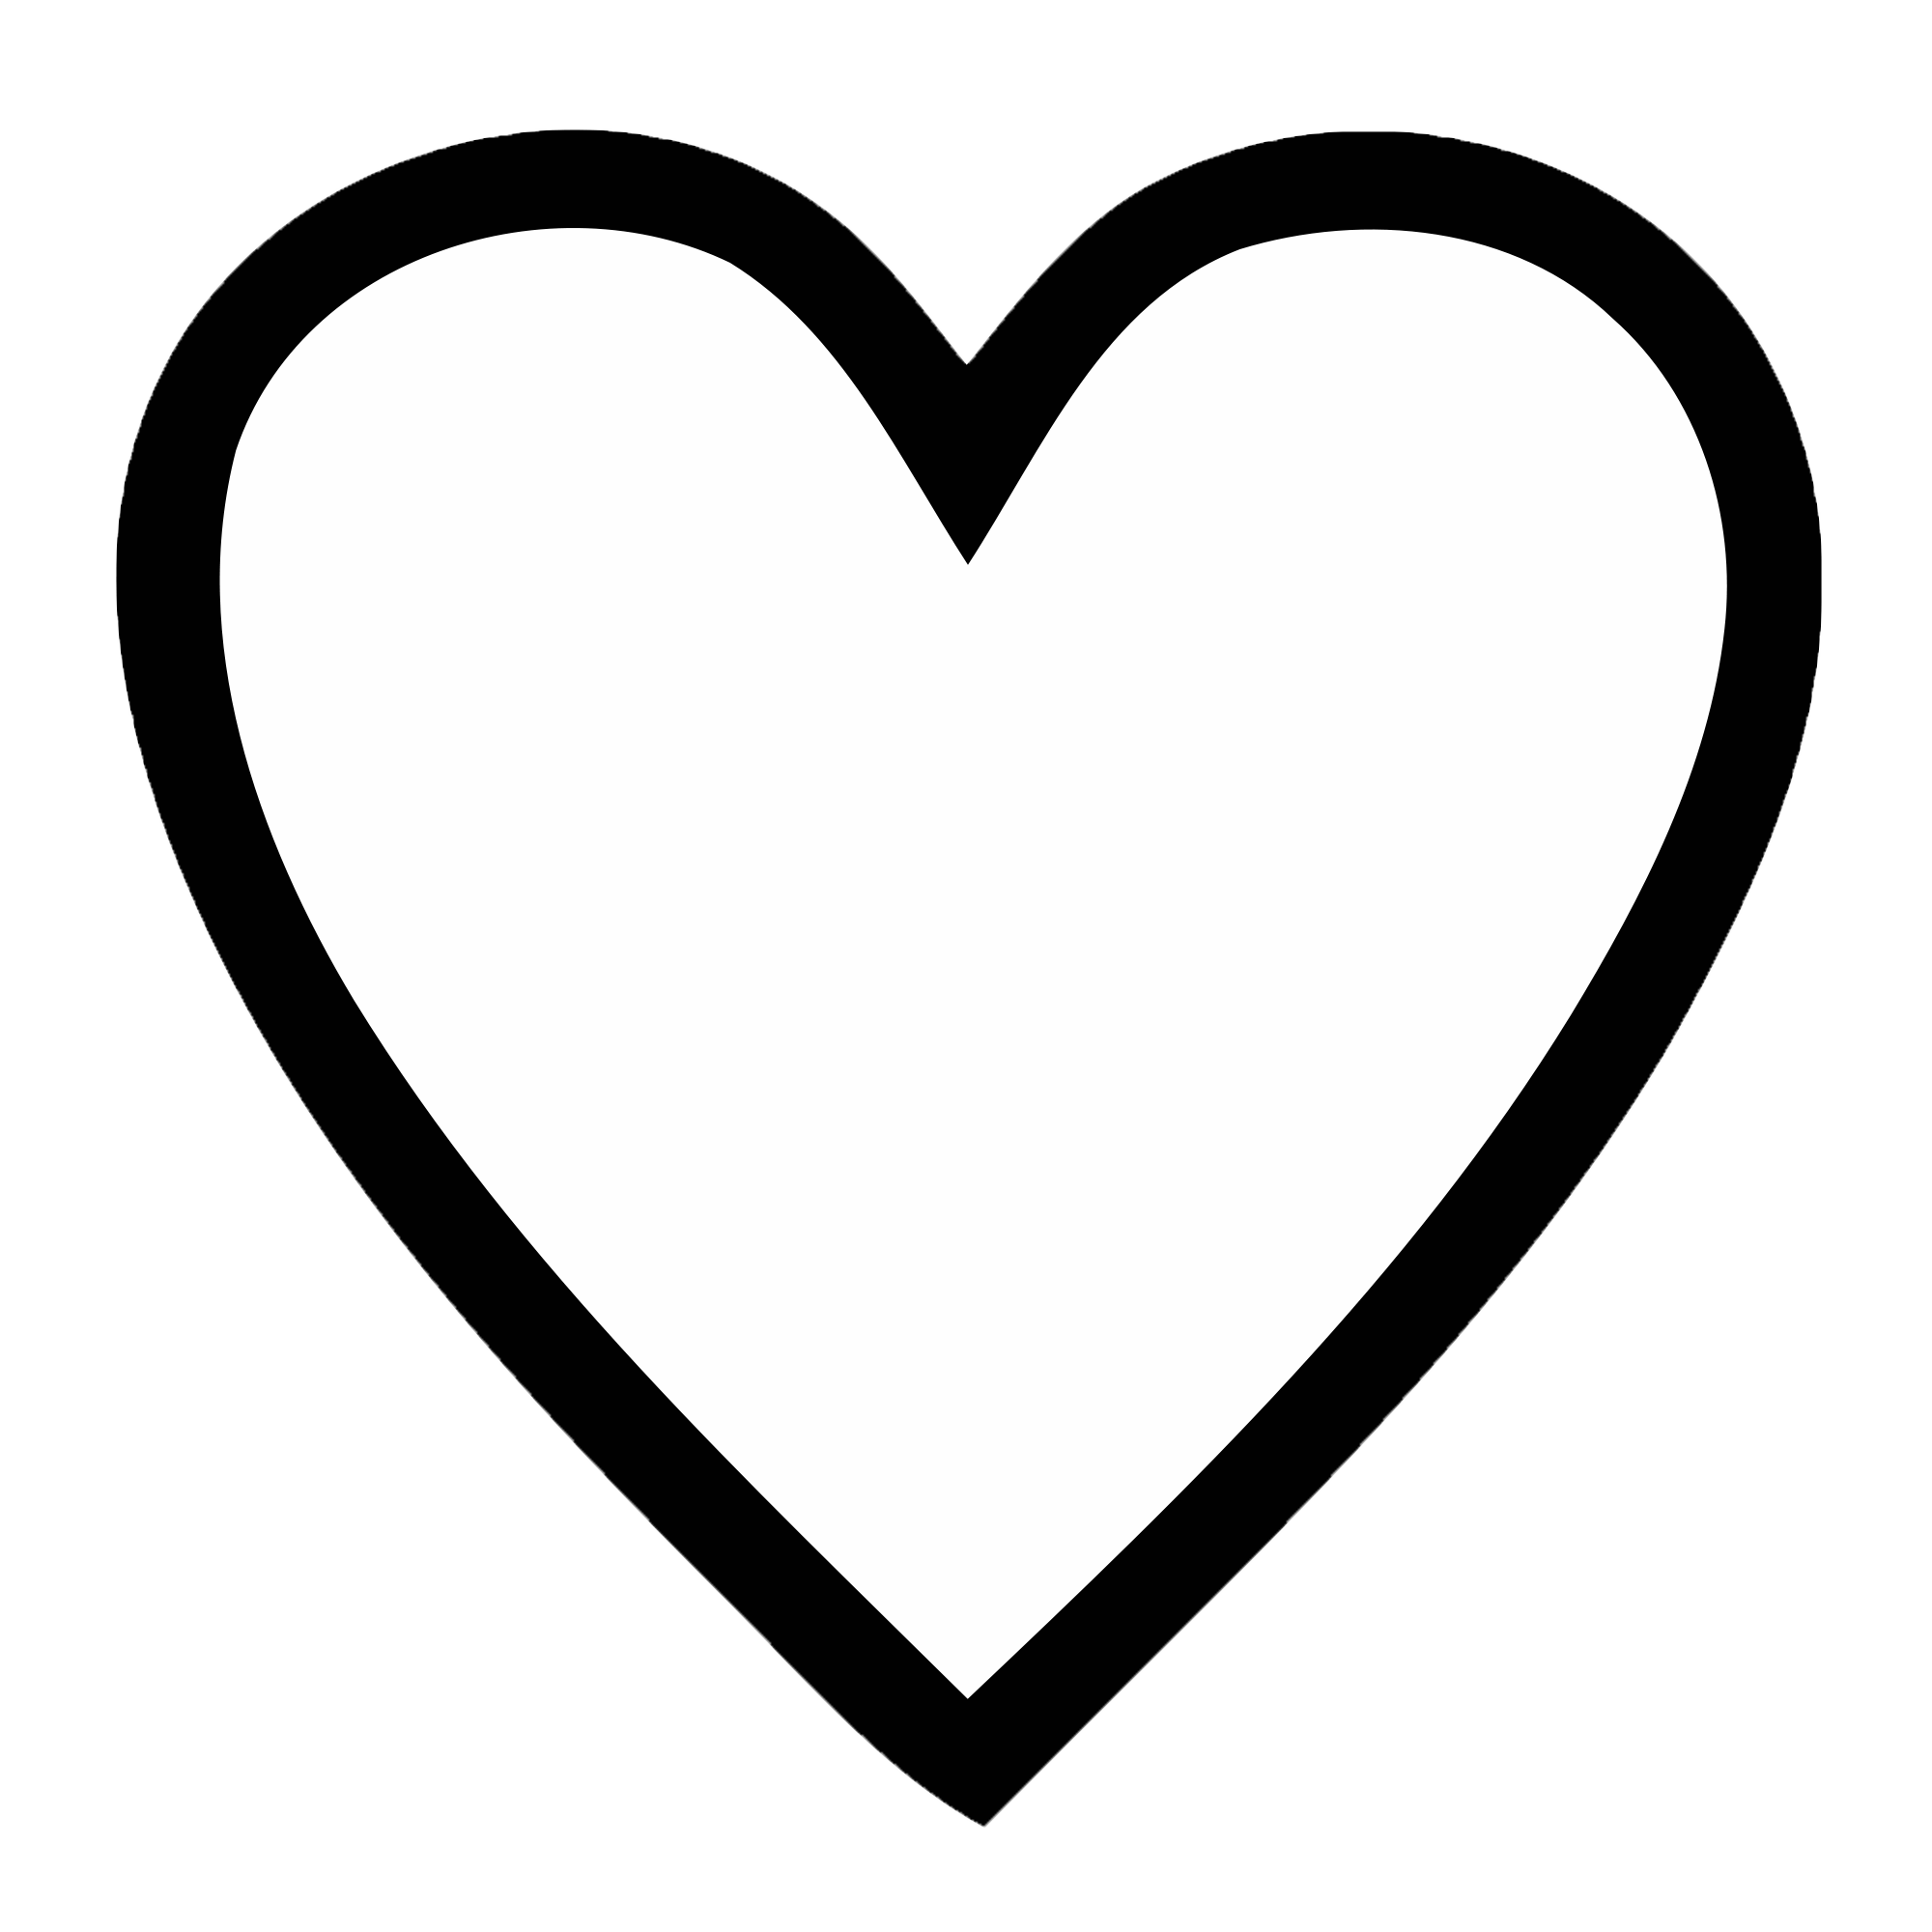 I Love You Symbols For Facebook Tiffany T Wire Bracelet In 18k Rose